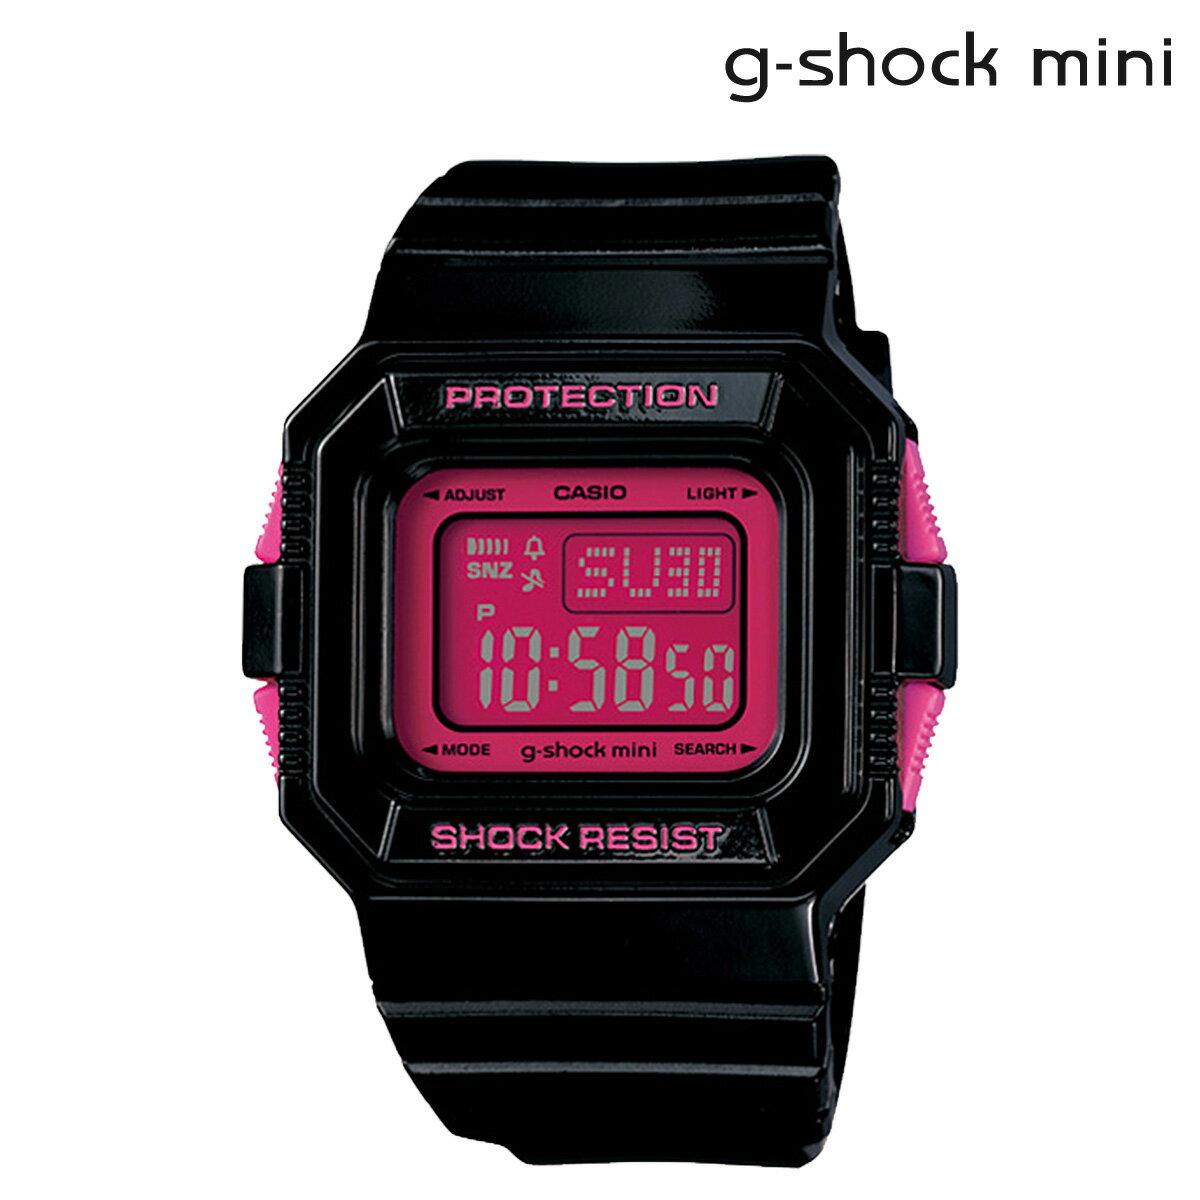 腕時計, レディース腕時計 CASIO g-shock mini GMN-550-1BJR G G-